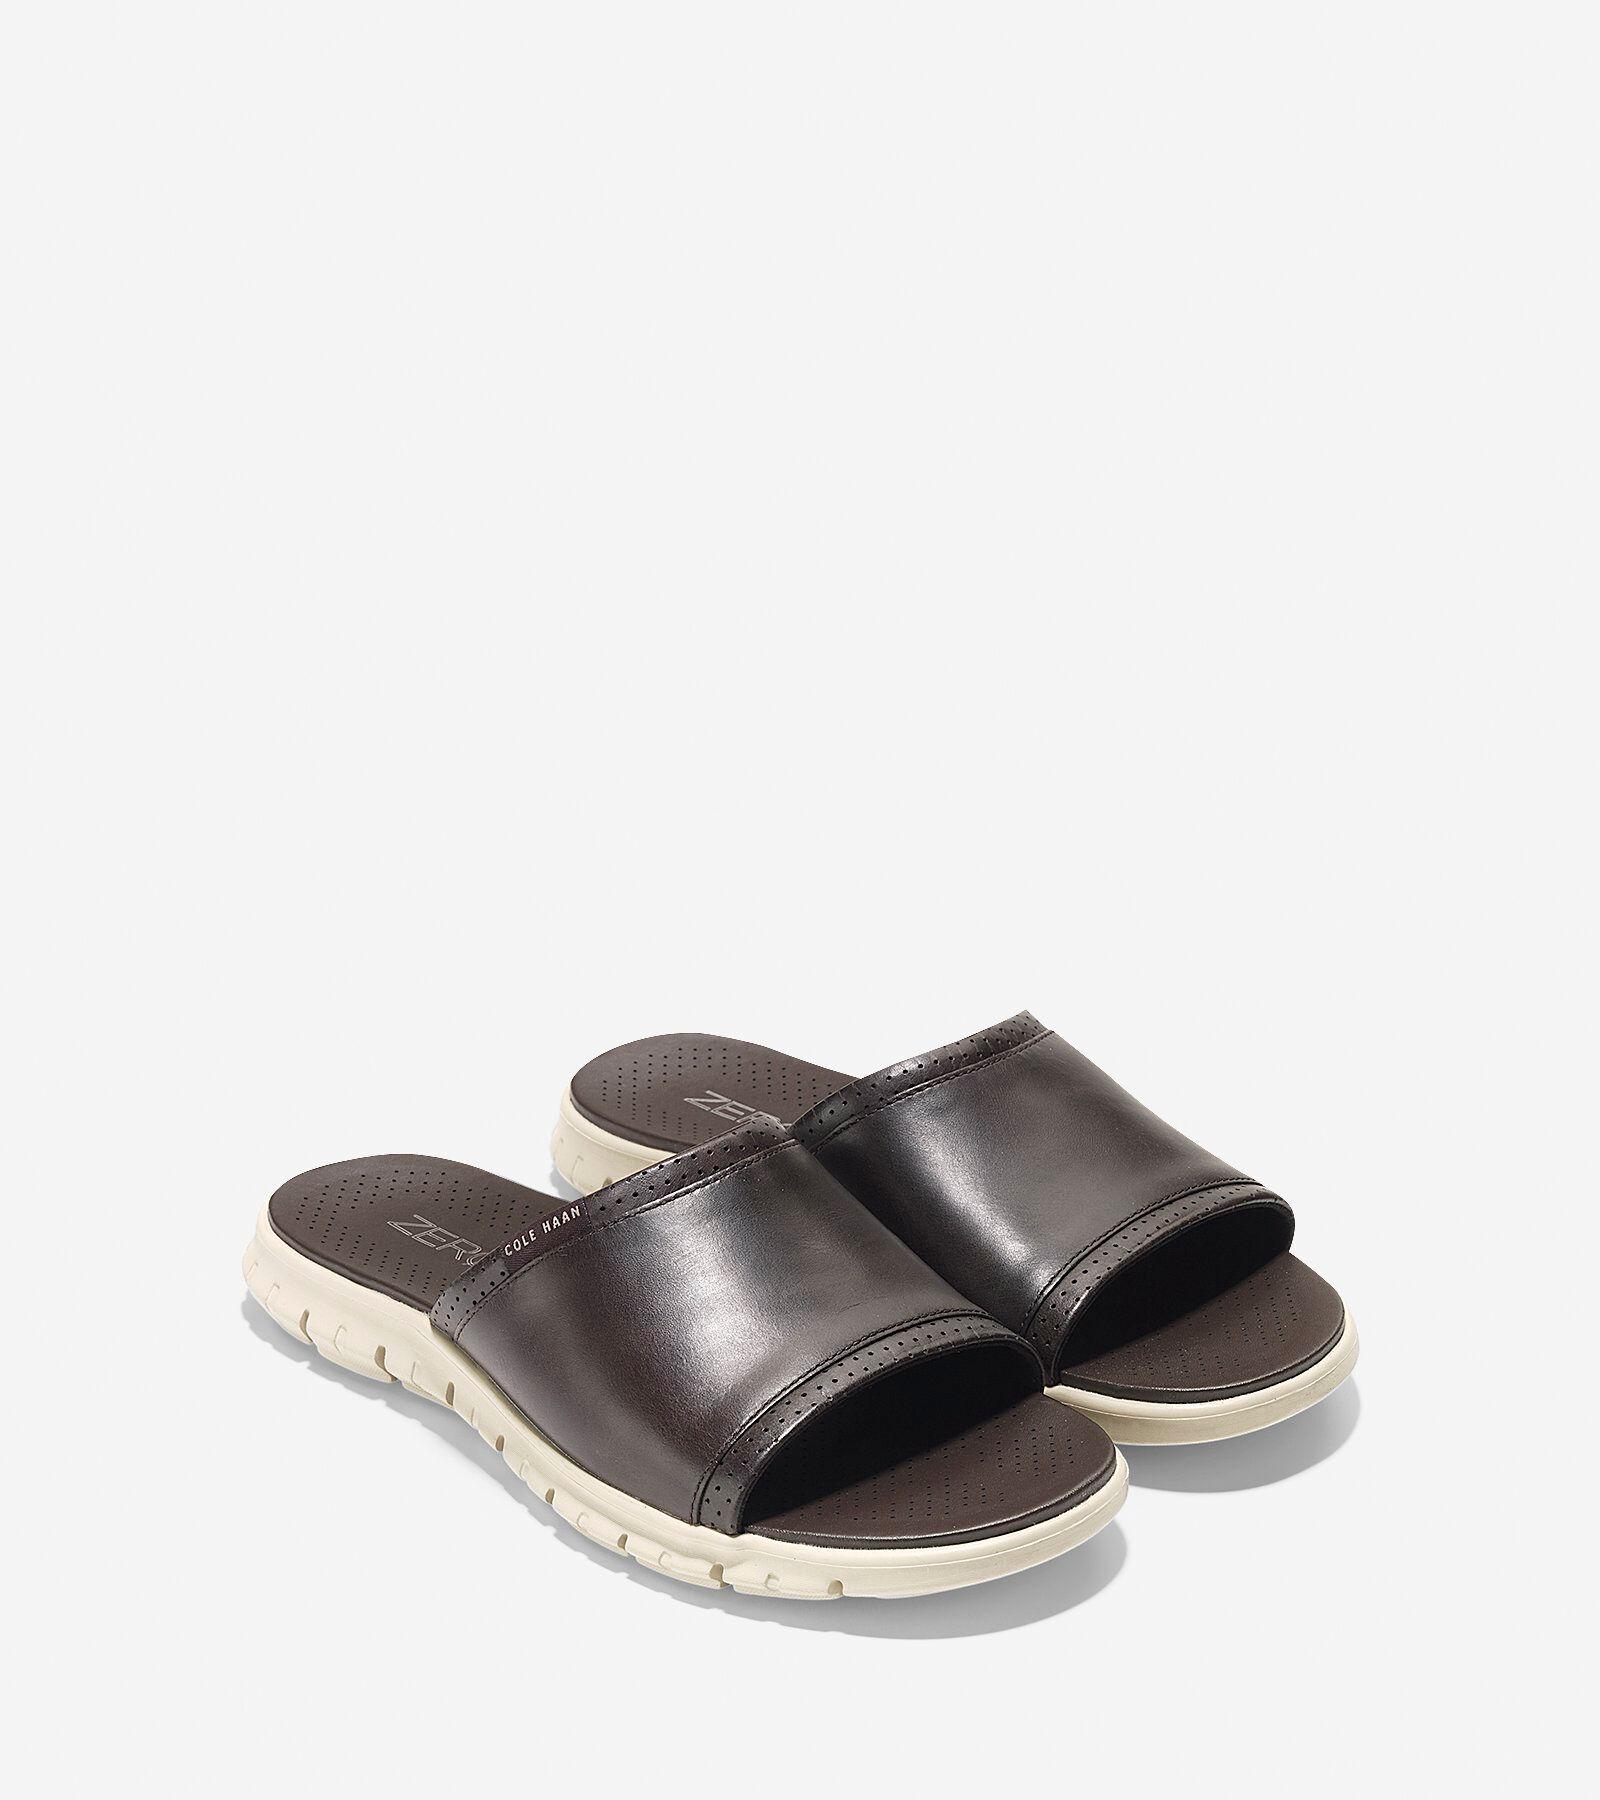 ... Men's ZERØGRAND Slide Sandal · Men's ZERØGRAND Slide Sandal. #colehaan